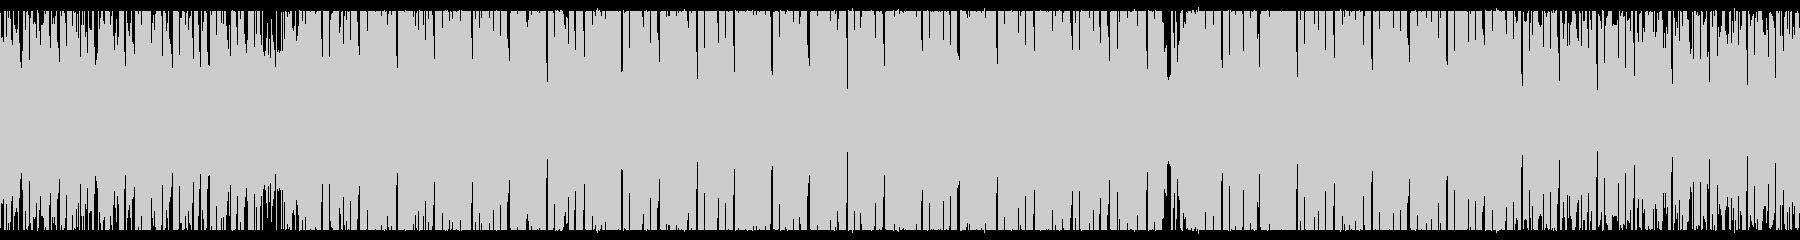 【ループ】エレクトロ、明るい、お洒落の未再生の波形